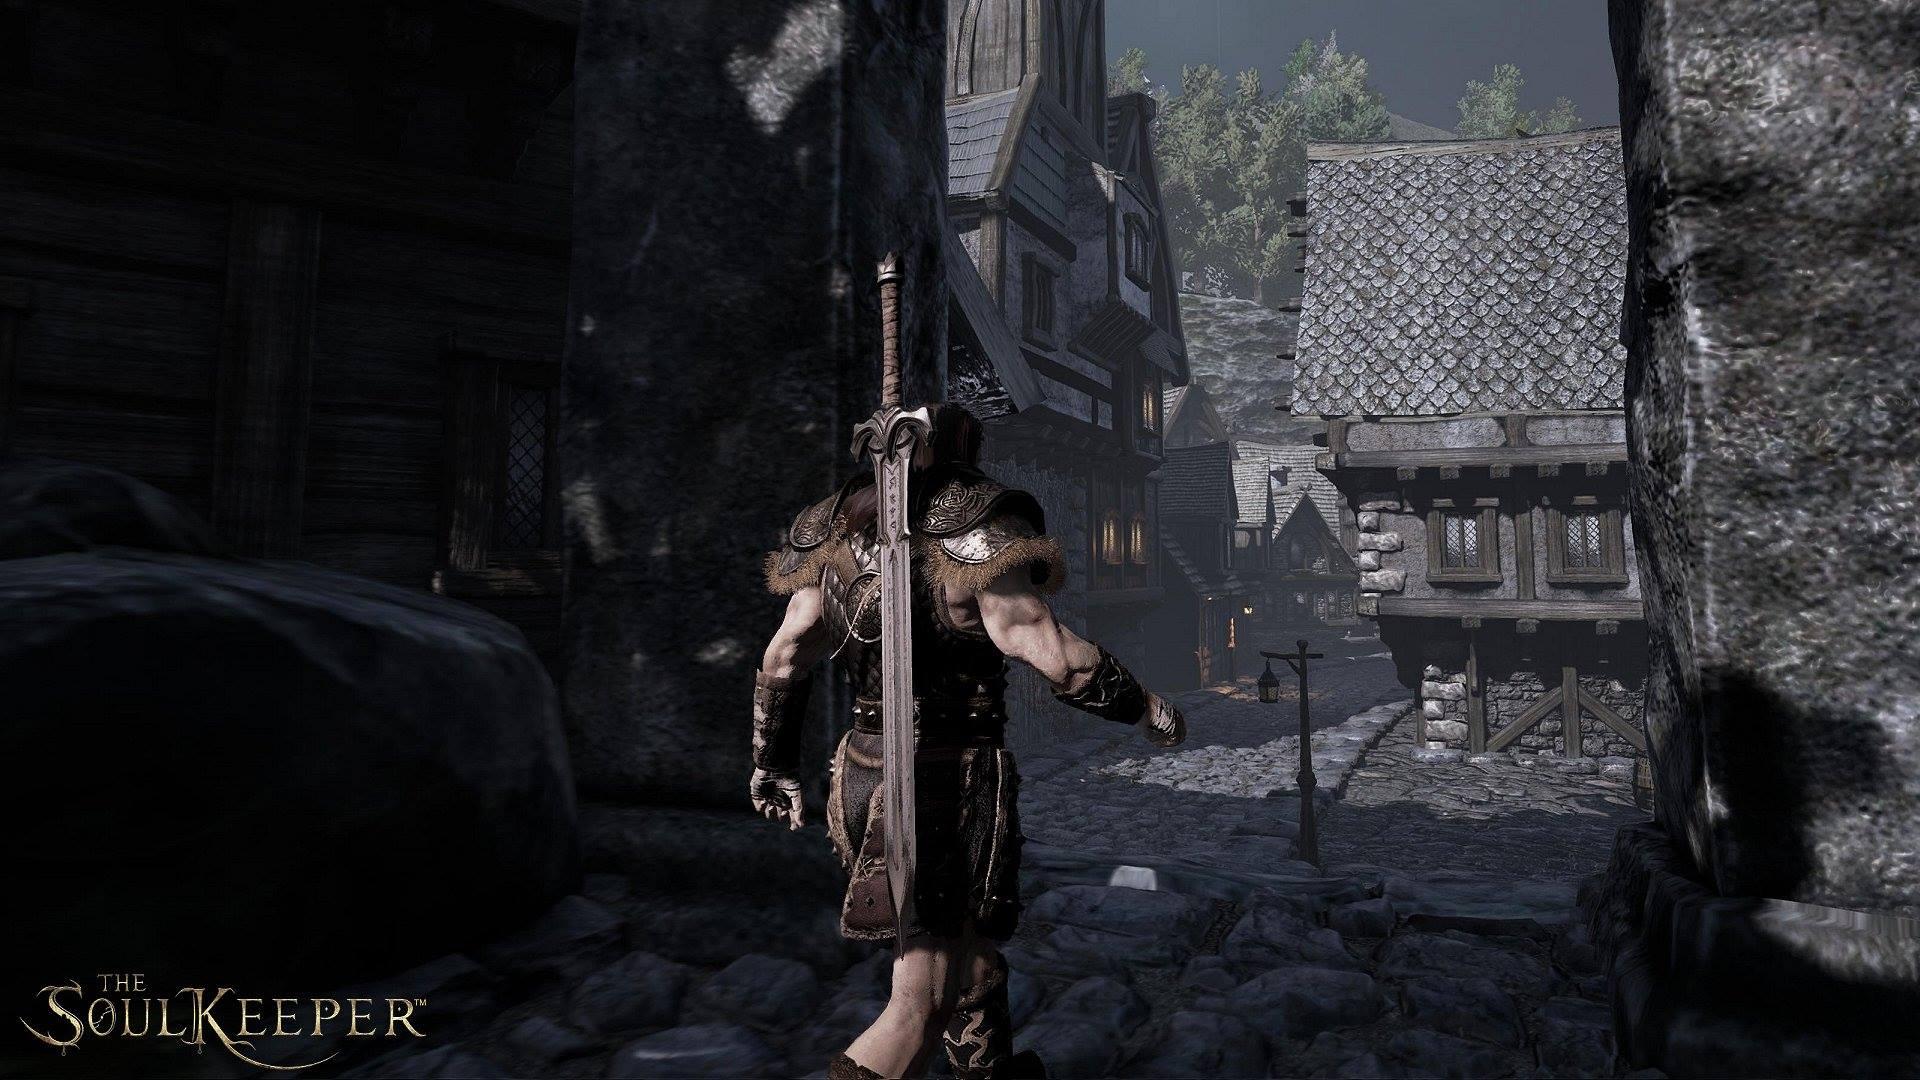 The Soul Keeper - RPG на Unreal Engine 4 - Первые скриншоты... Скайрим ты ли это ? - Изображение 4